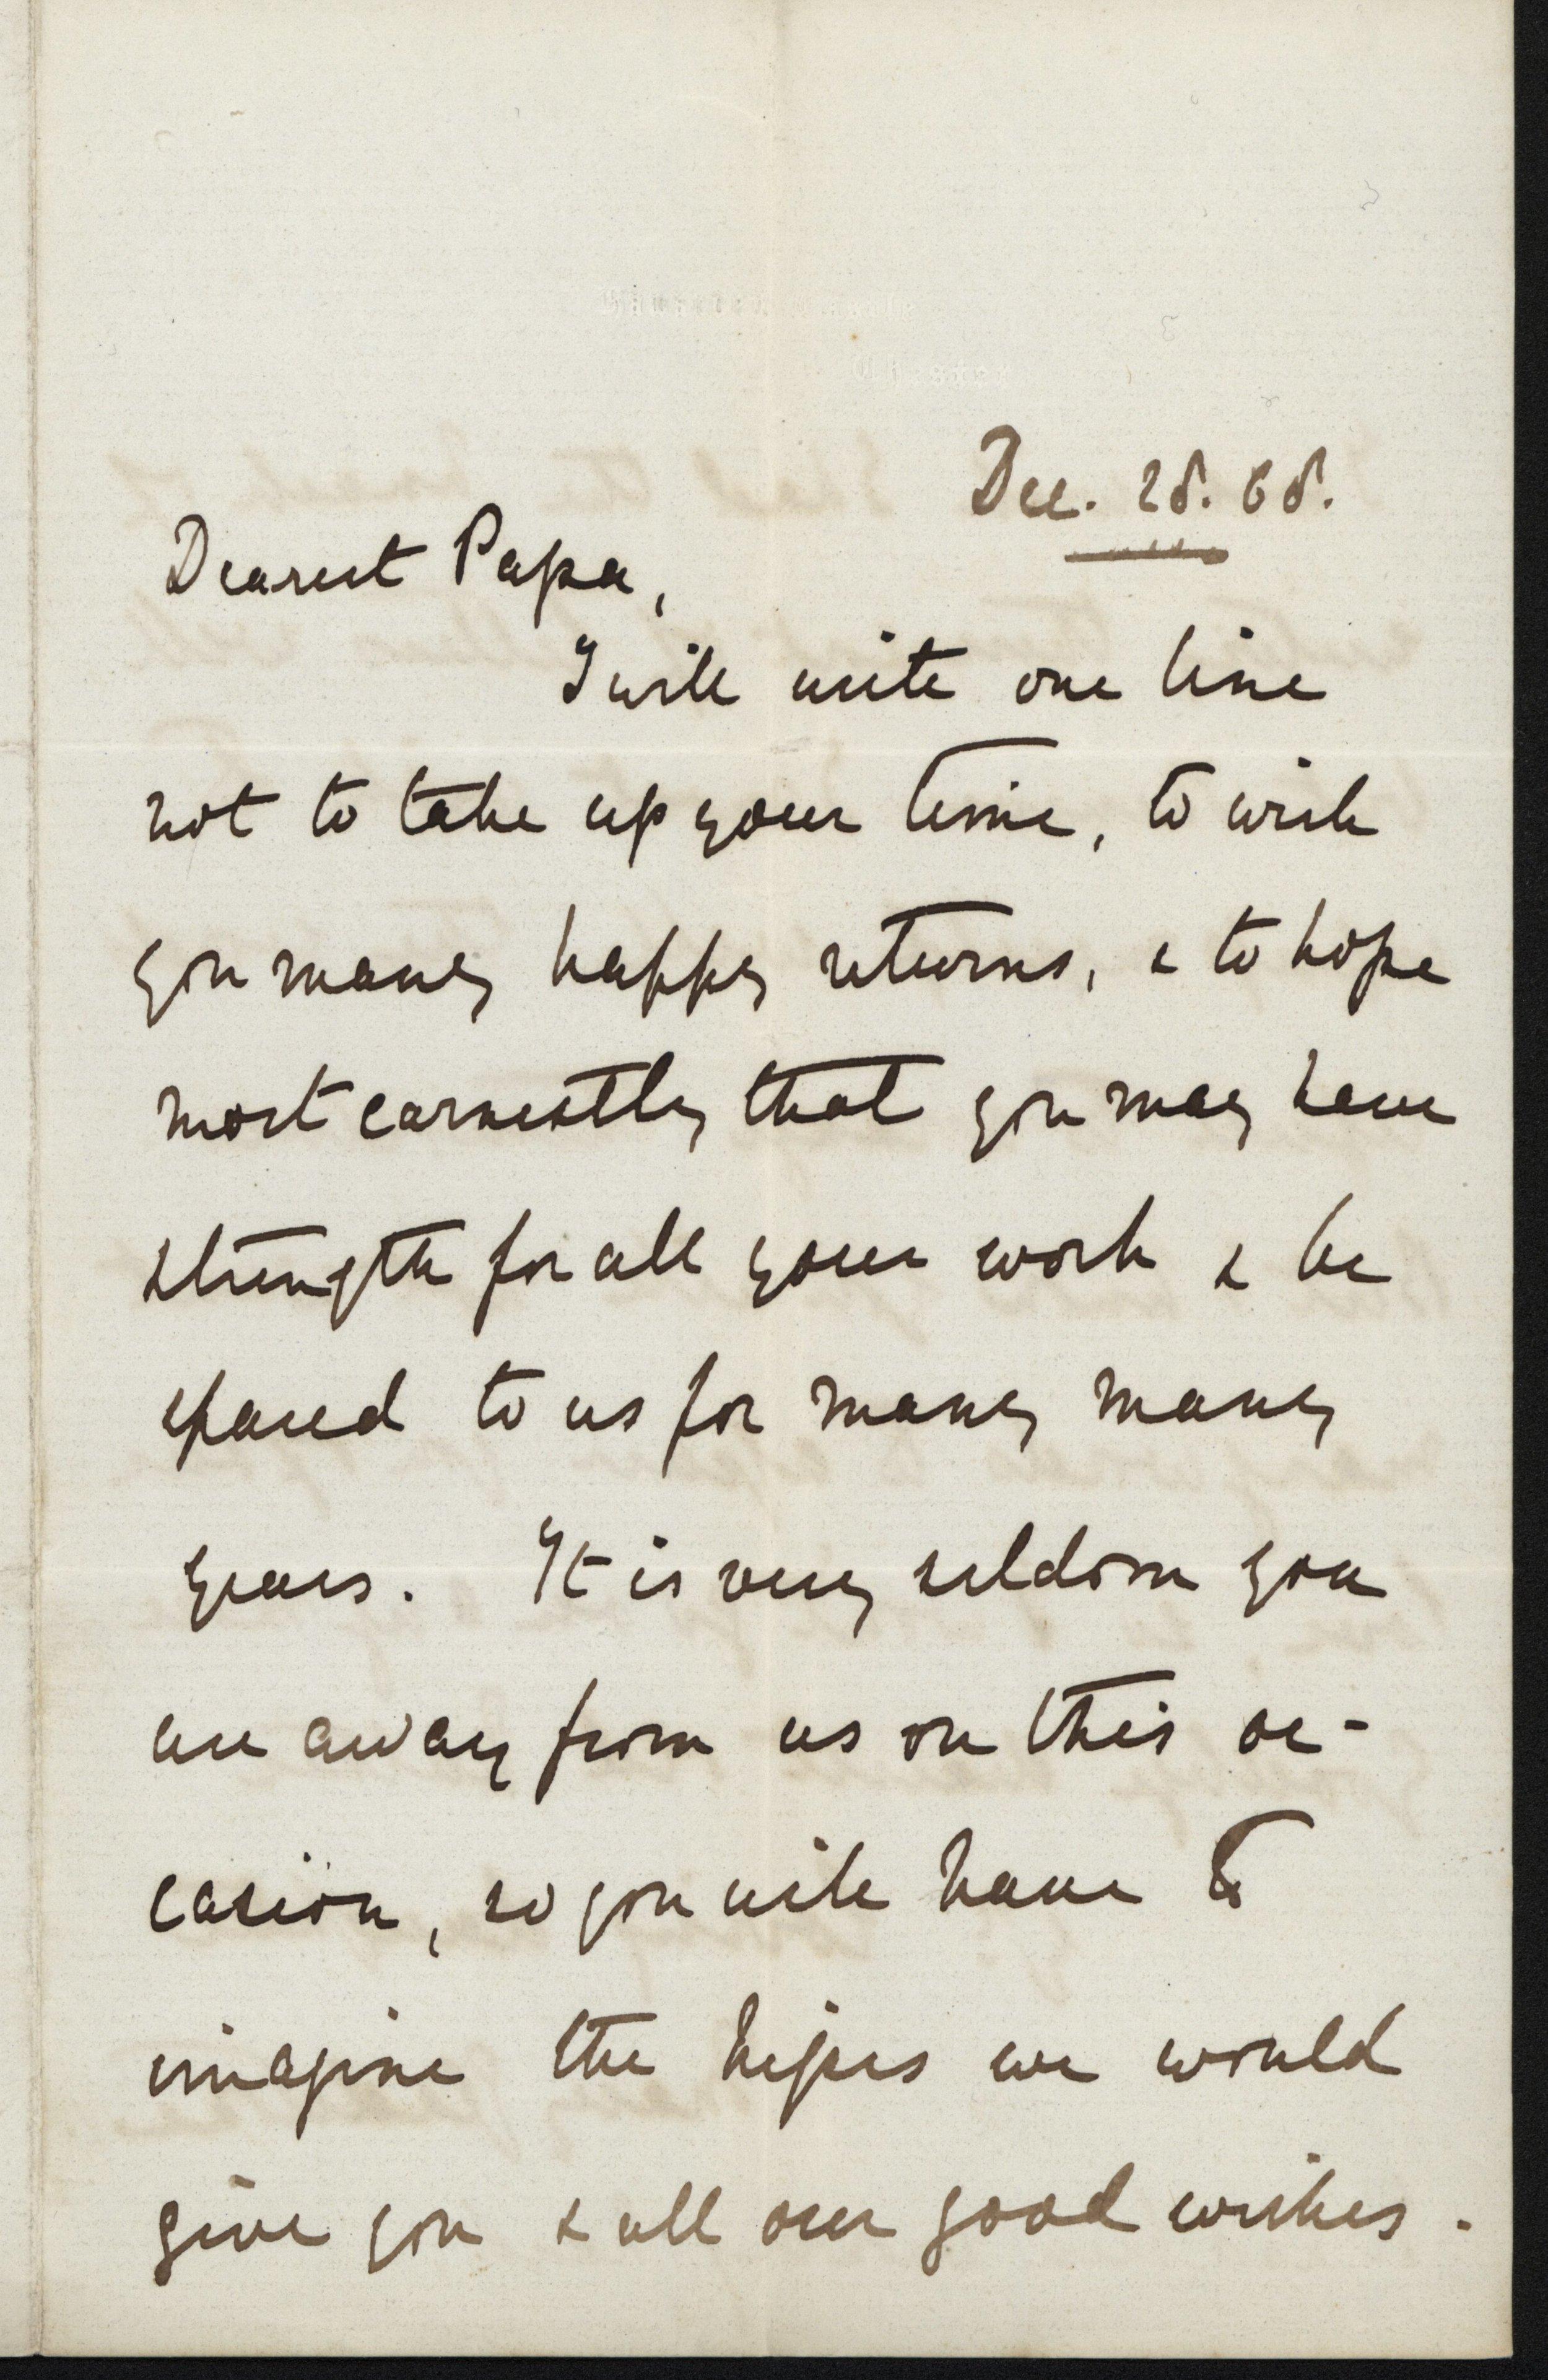 Mary Gladstone to W.E. Gladstone, 28 December 1868, GG 603. Transcription below.